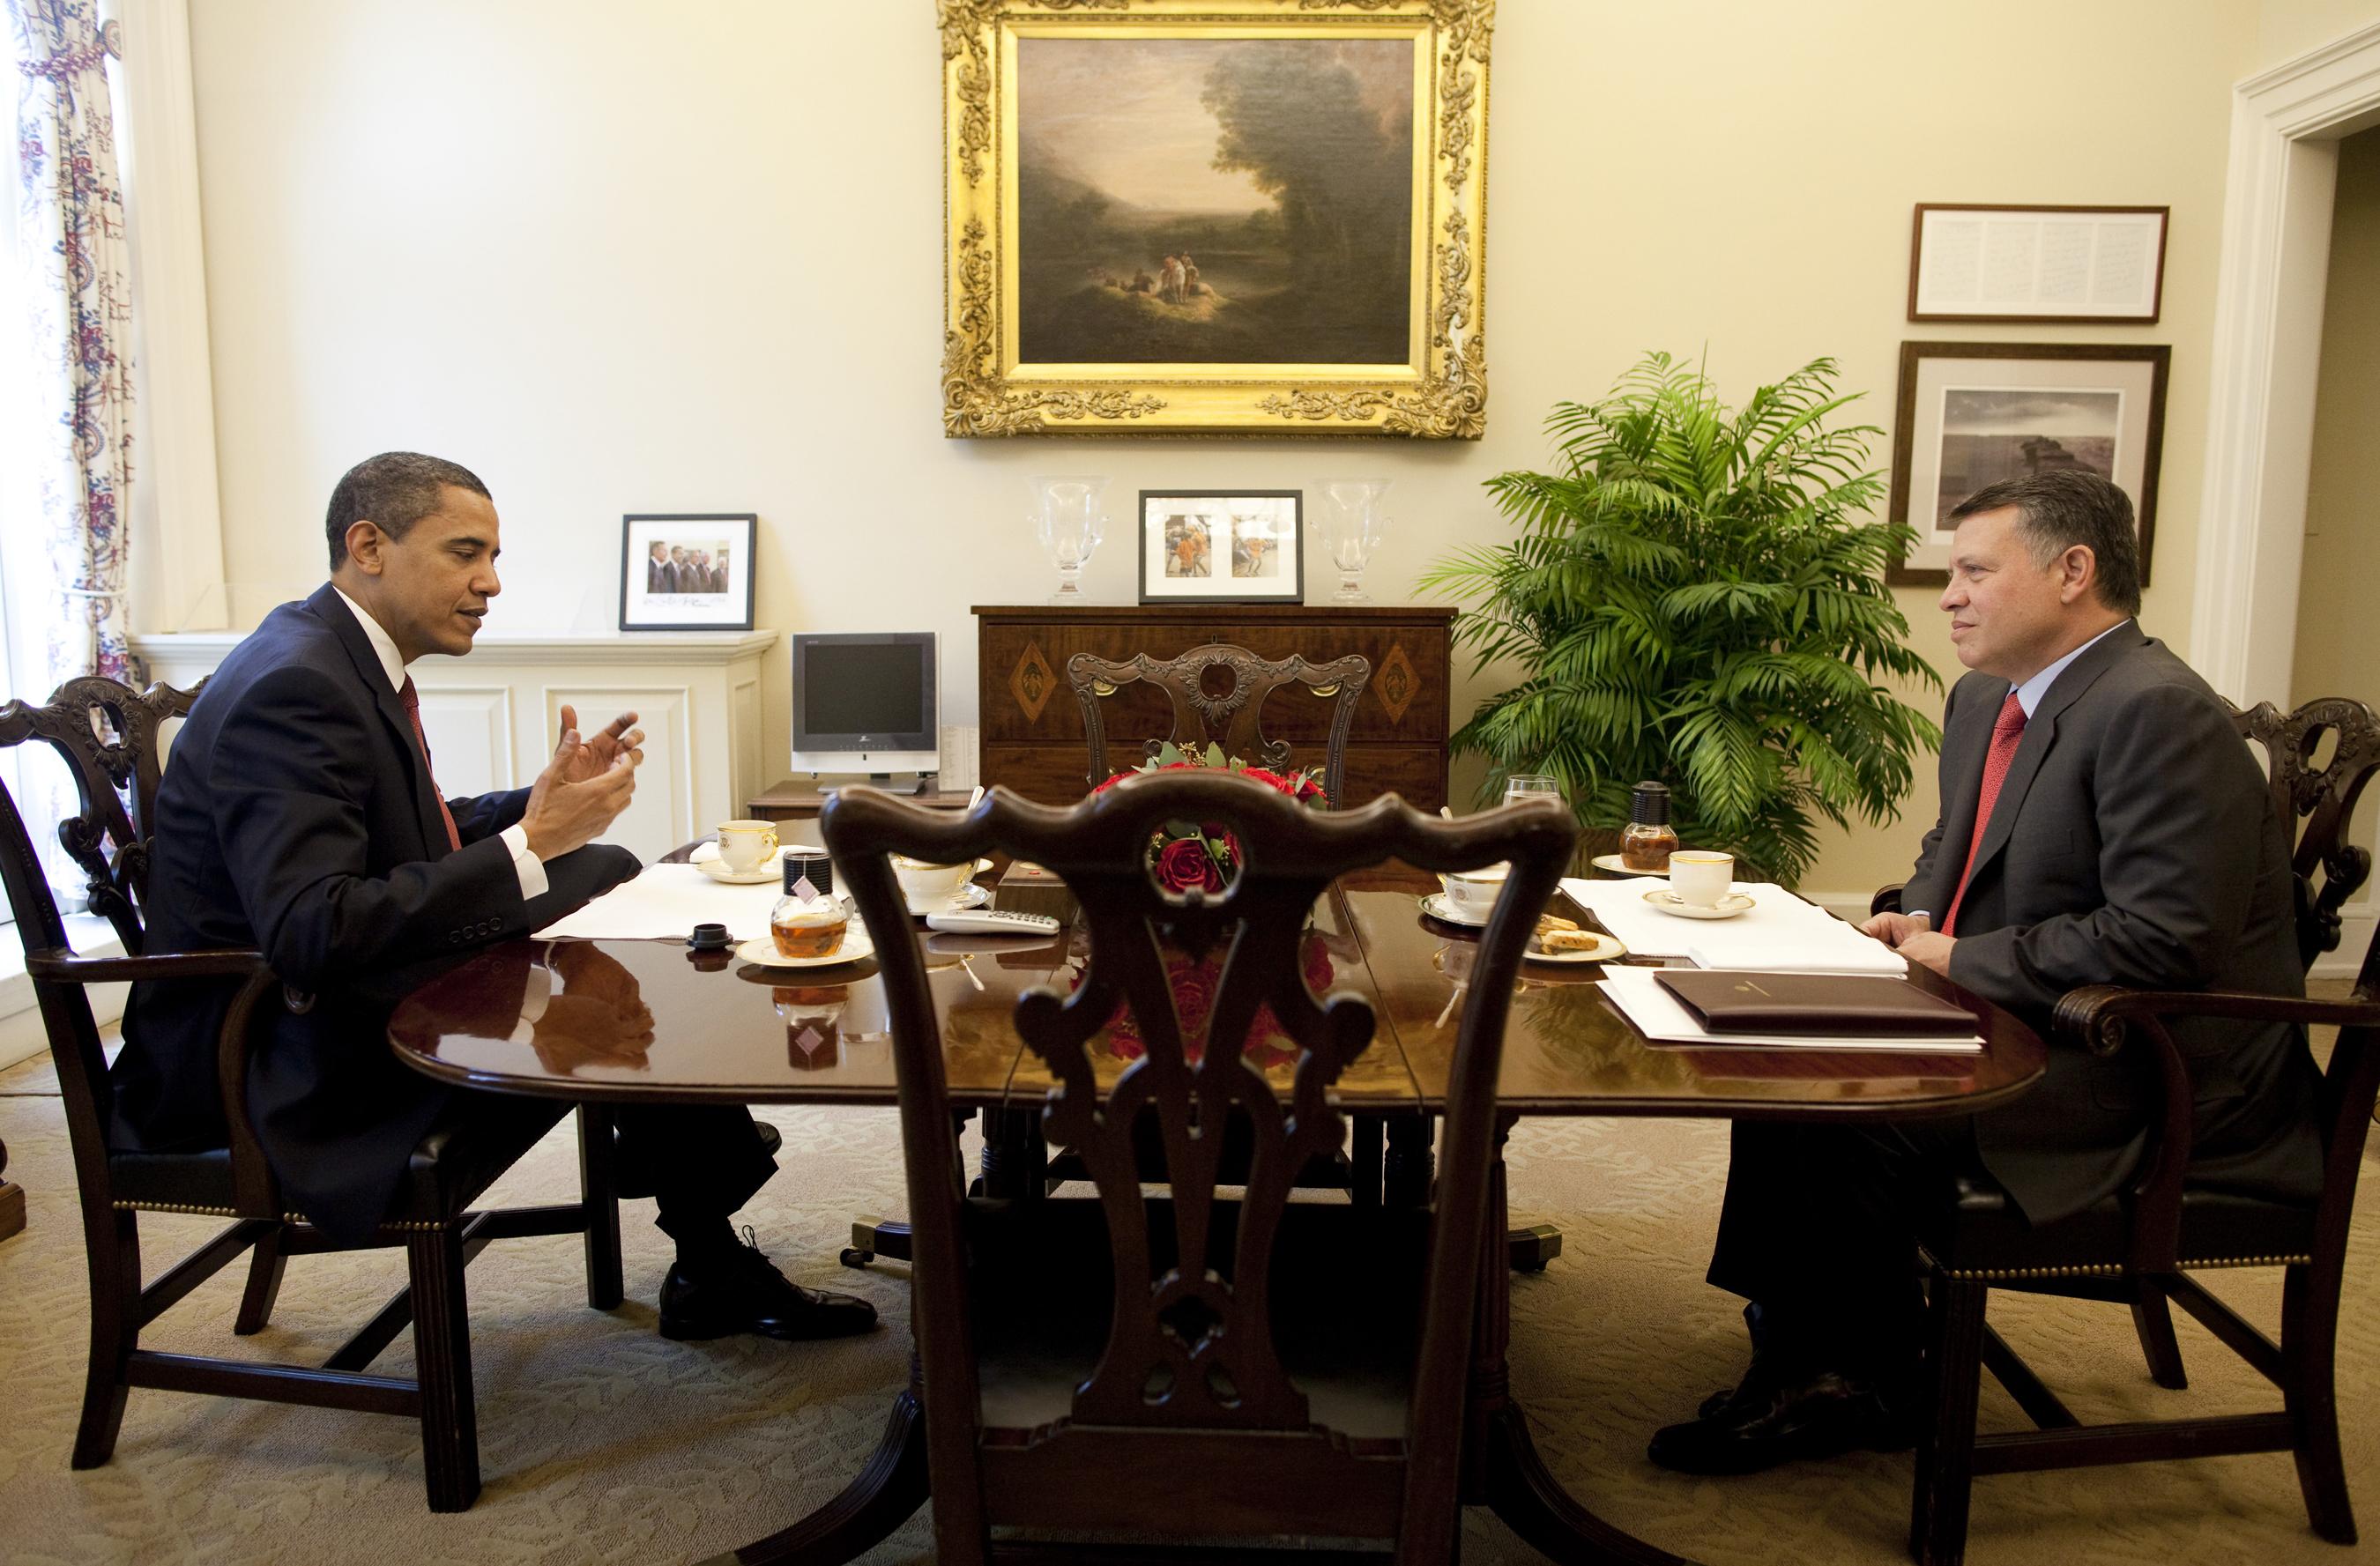 Obama White House Media Room